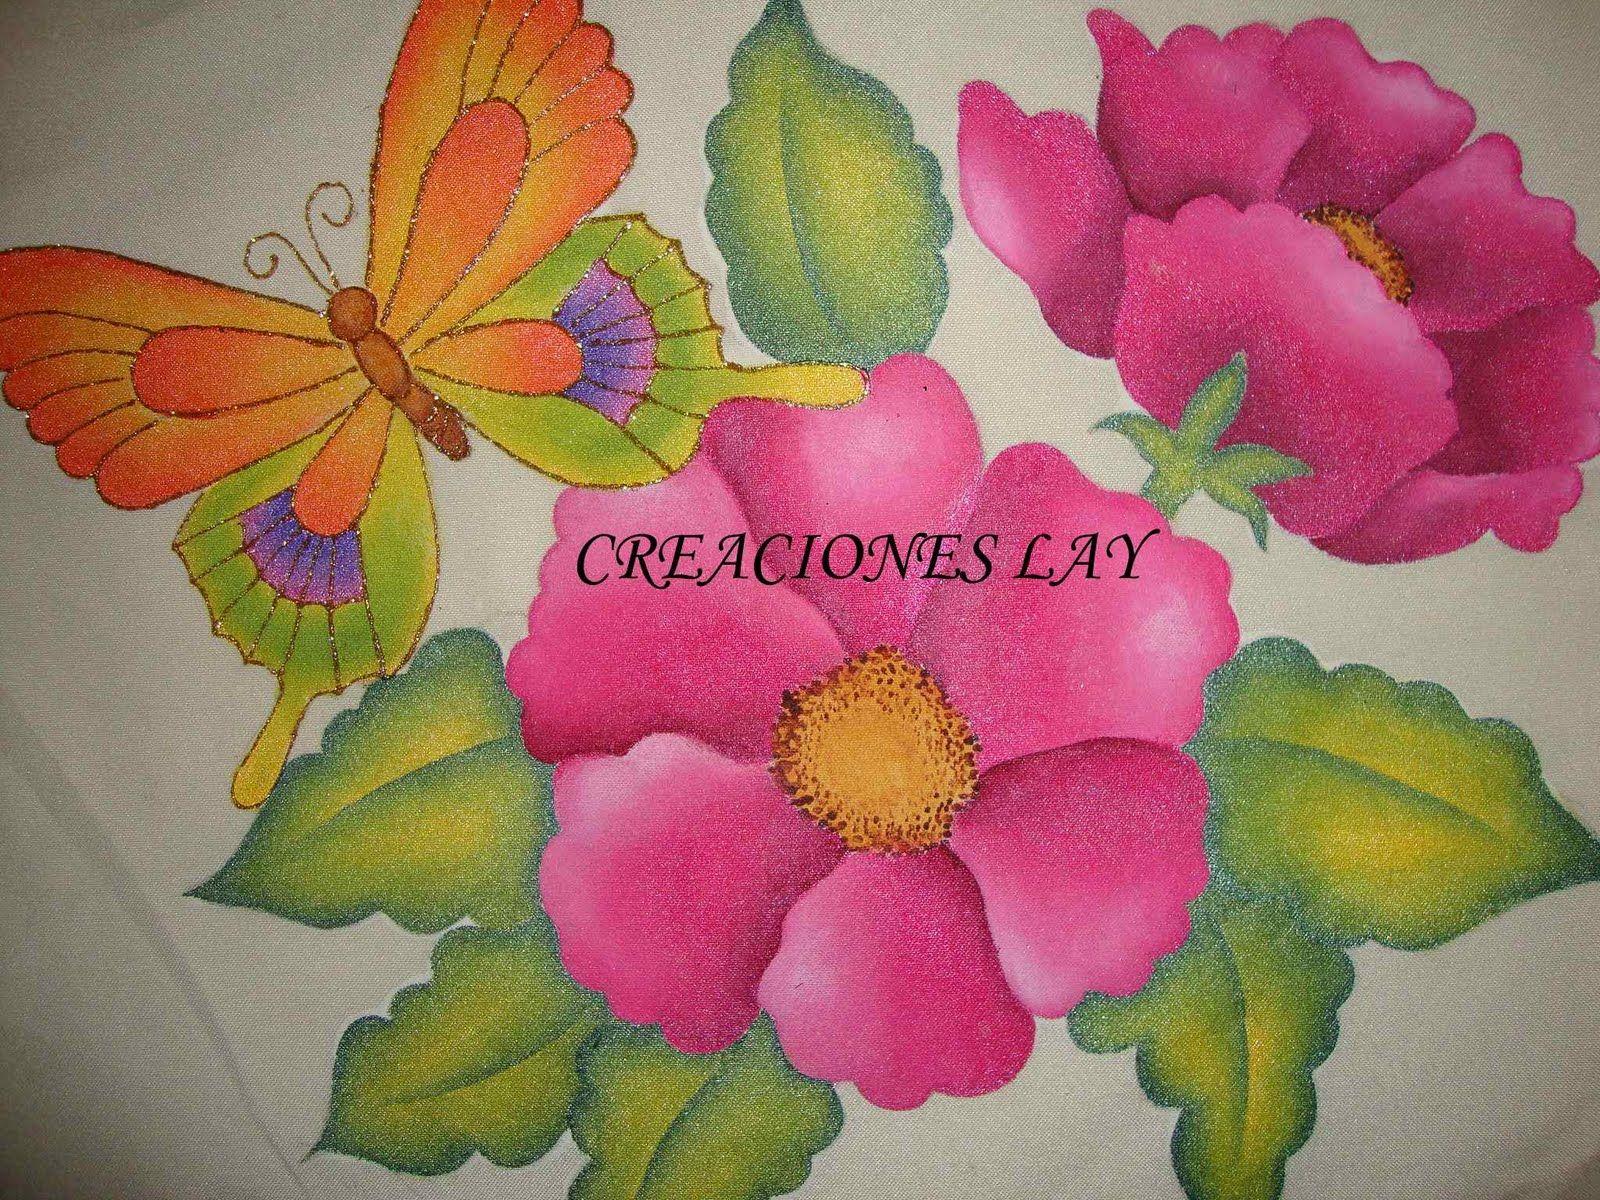 Dibujos Para Pintar En Tela Cojines Great Nina Frura Sandia Para  ~ Dibujos Para Pintar En Tela Cojines